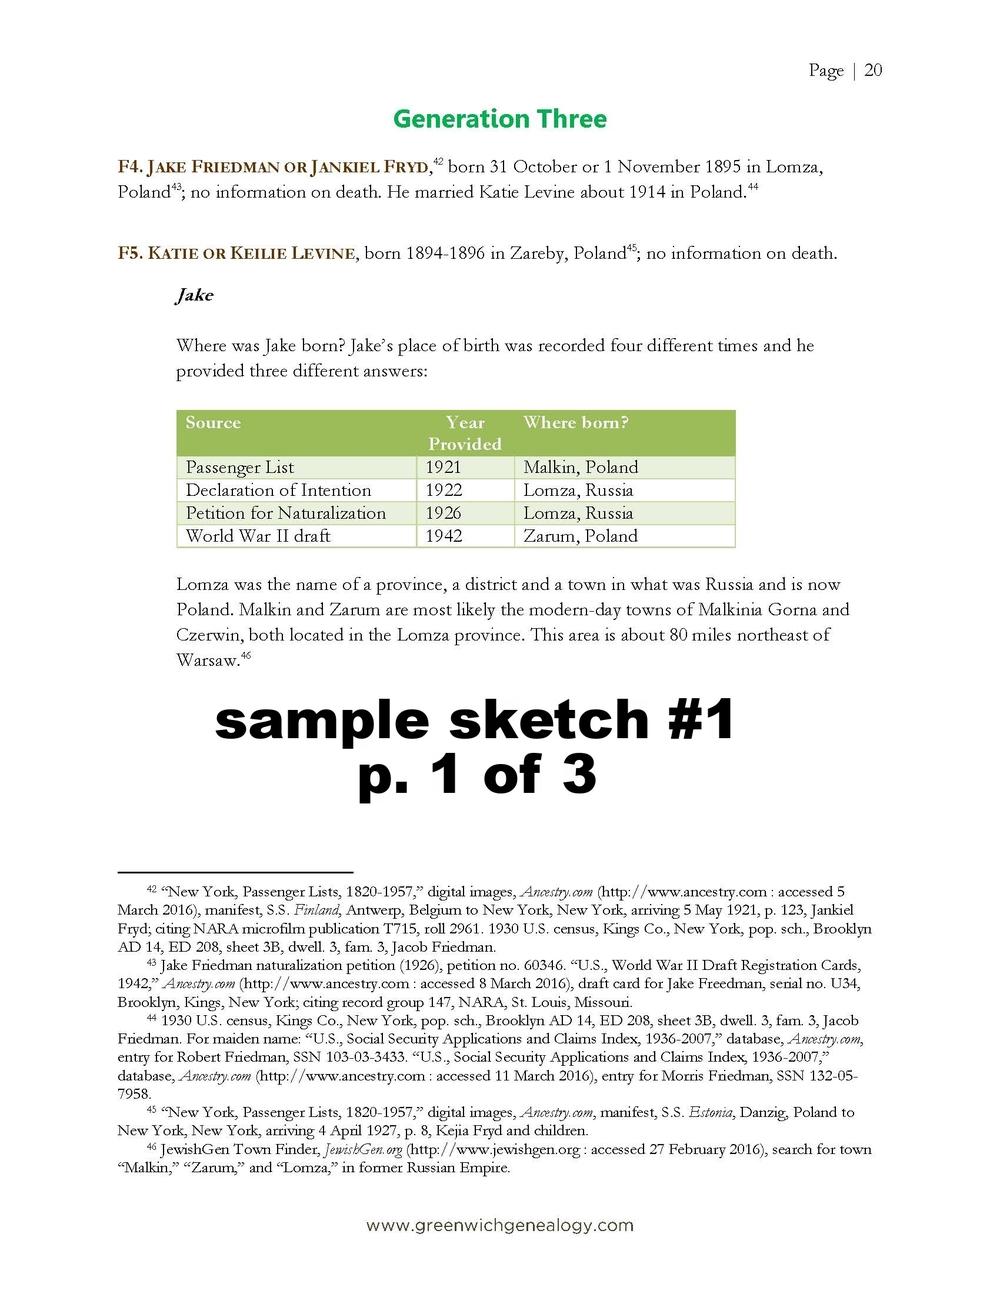 Sample (3).jpg